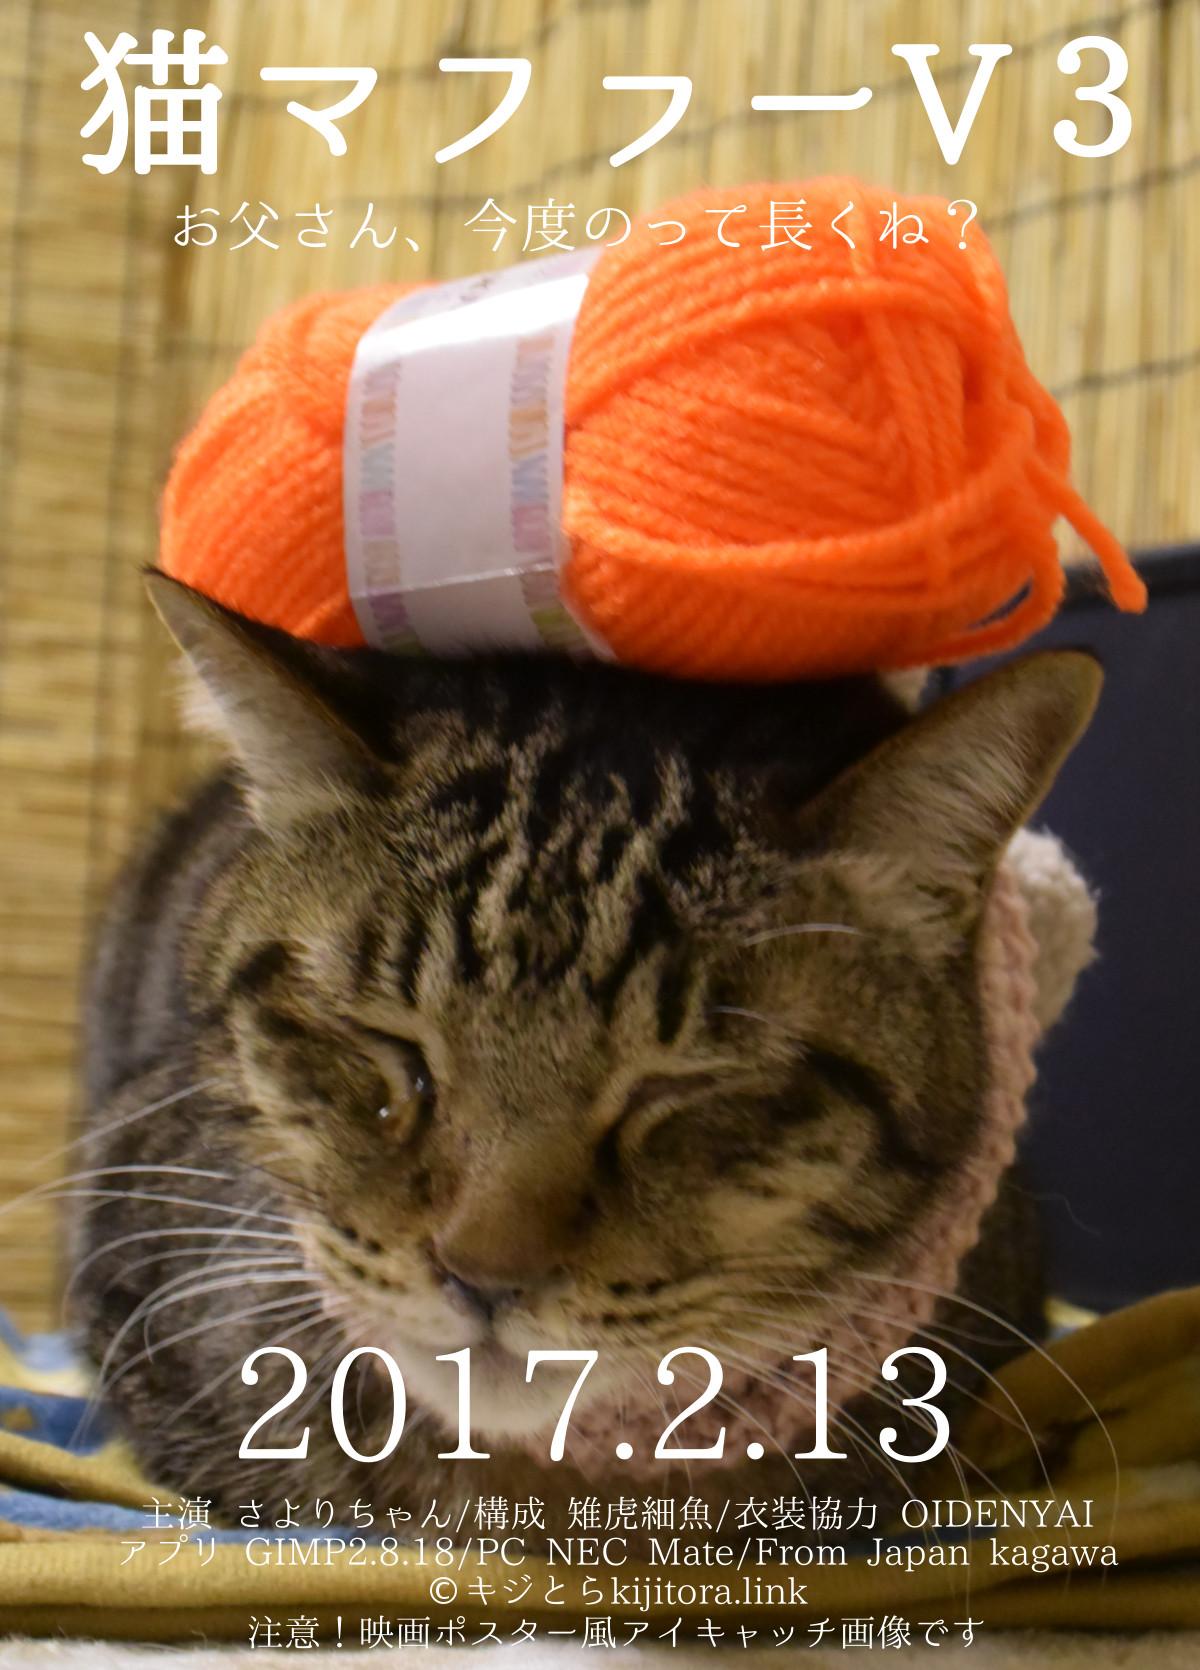 お父さんの猫マフラーV3!毛糸はミーツの「プリン アクリル 並太」